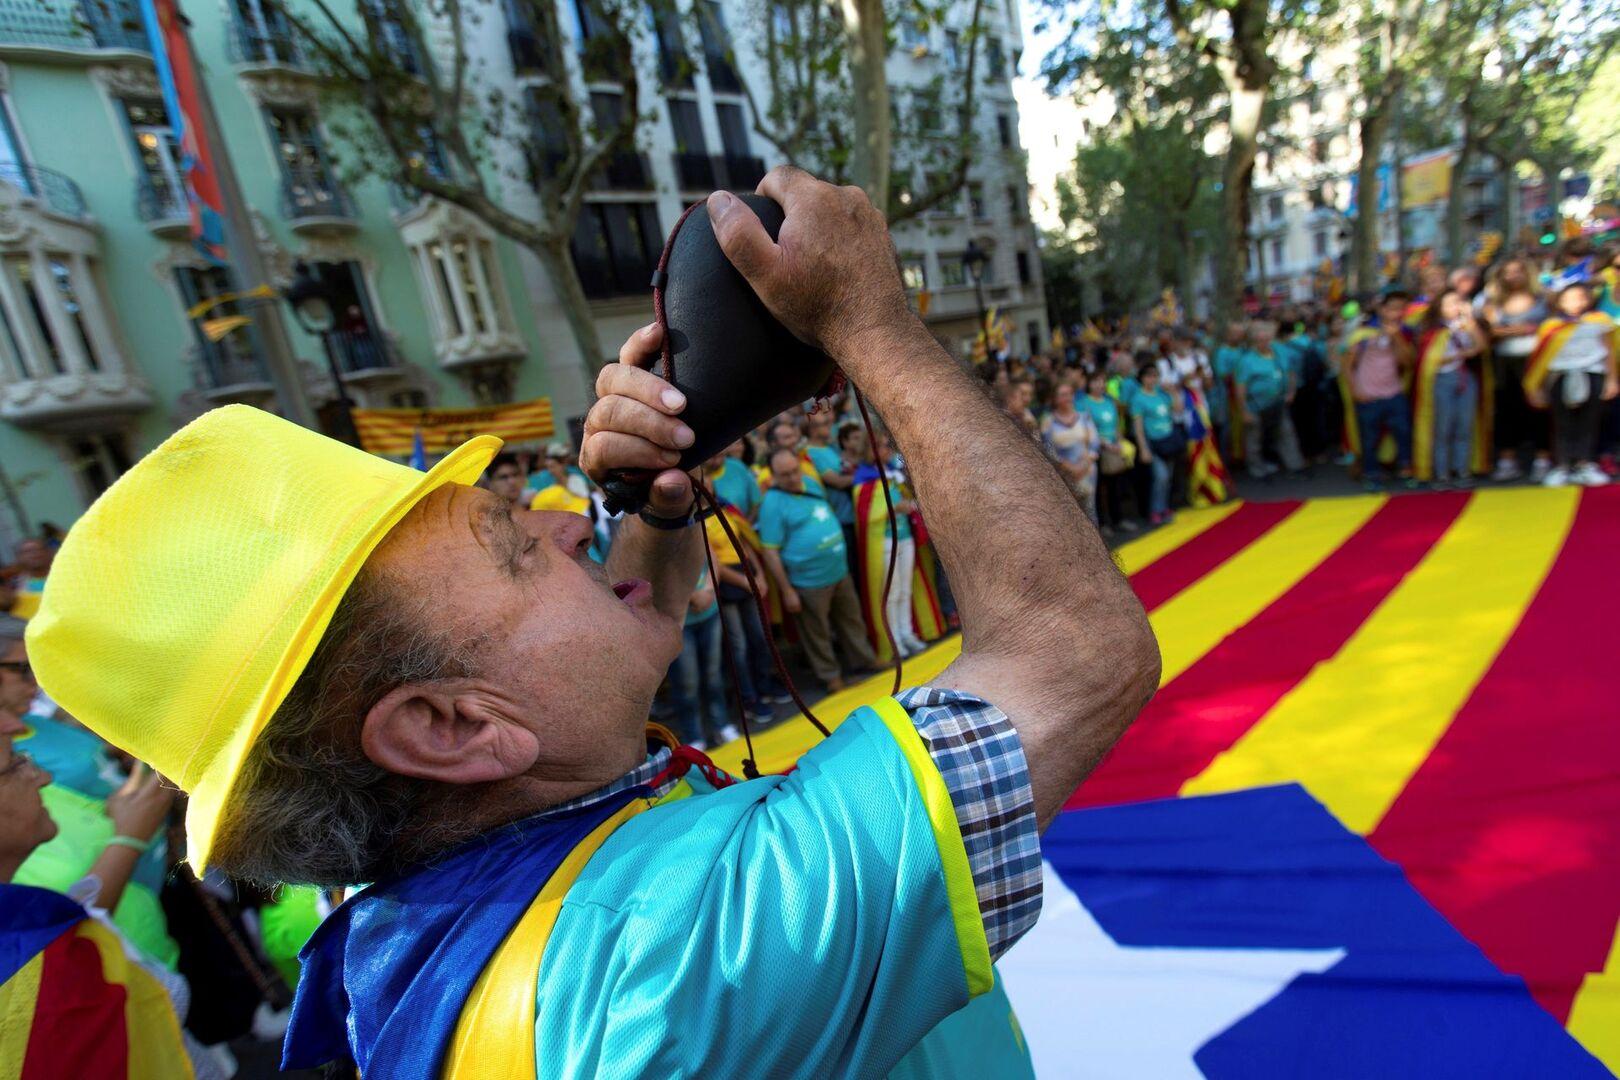 Pinchazo en la Diada 'presentencia': 400.000 manifestantes menos que en 2018